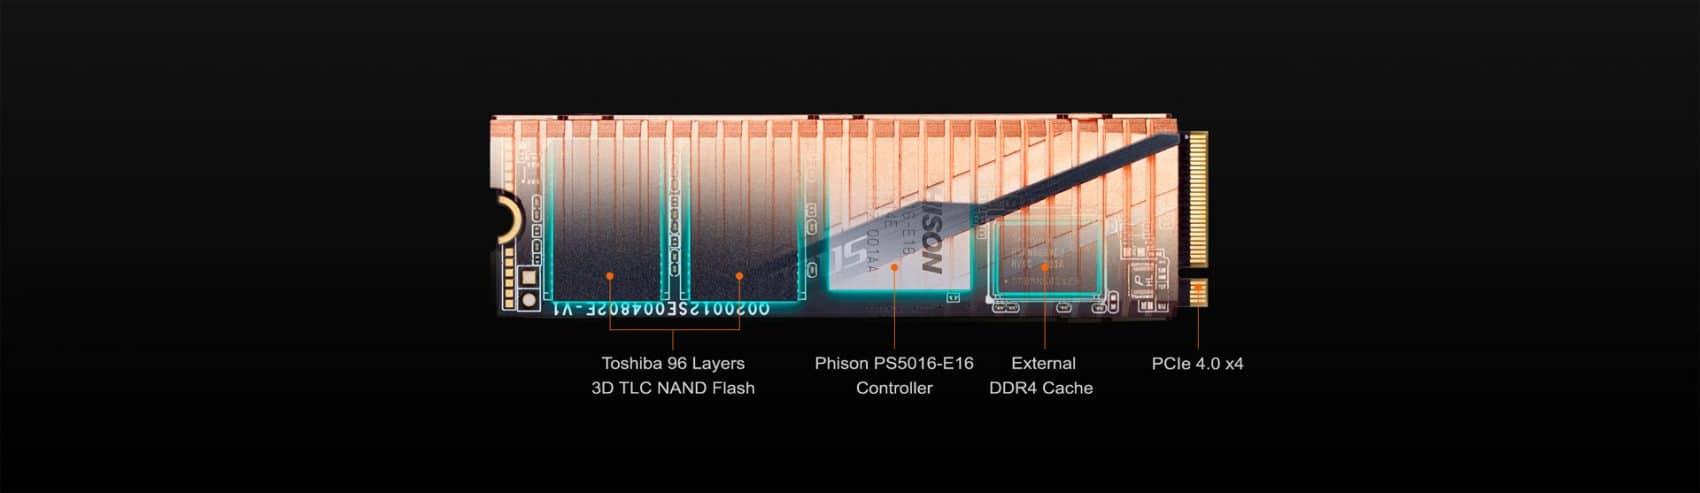 SSD M.2 AORUS NVMe GEN4 SSD